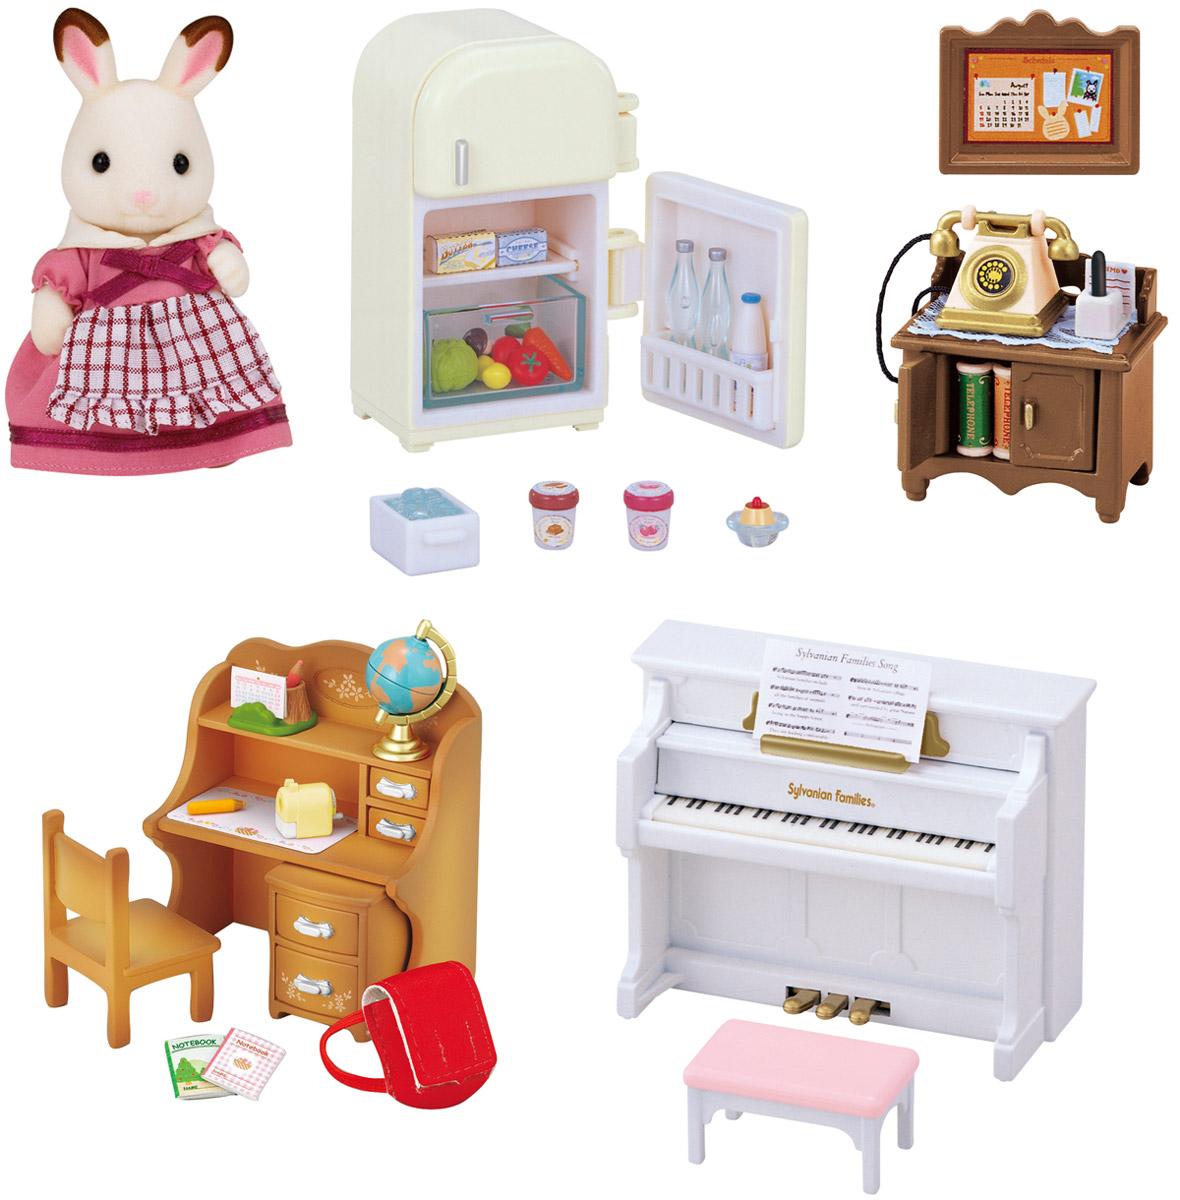 Sylvanian Families Игровой набор Мебель для дома Марии sylvanian families холодильник с продуктами новый